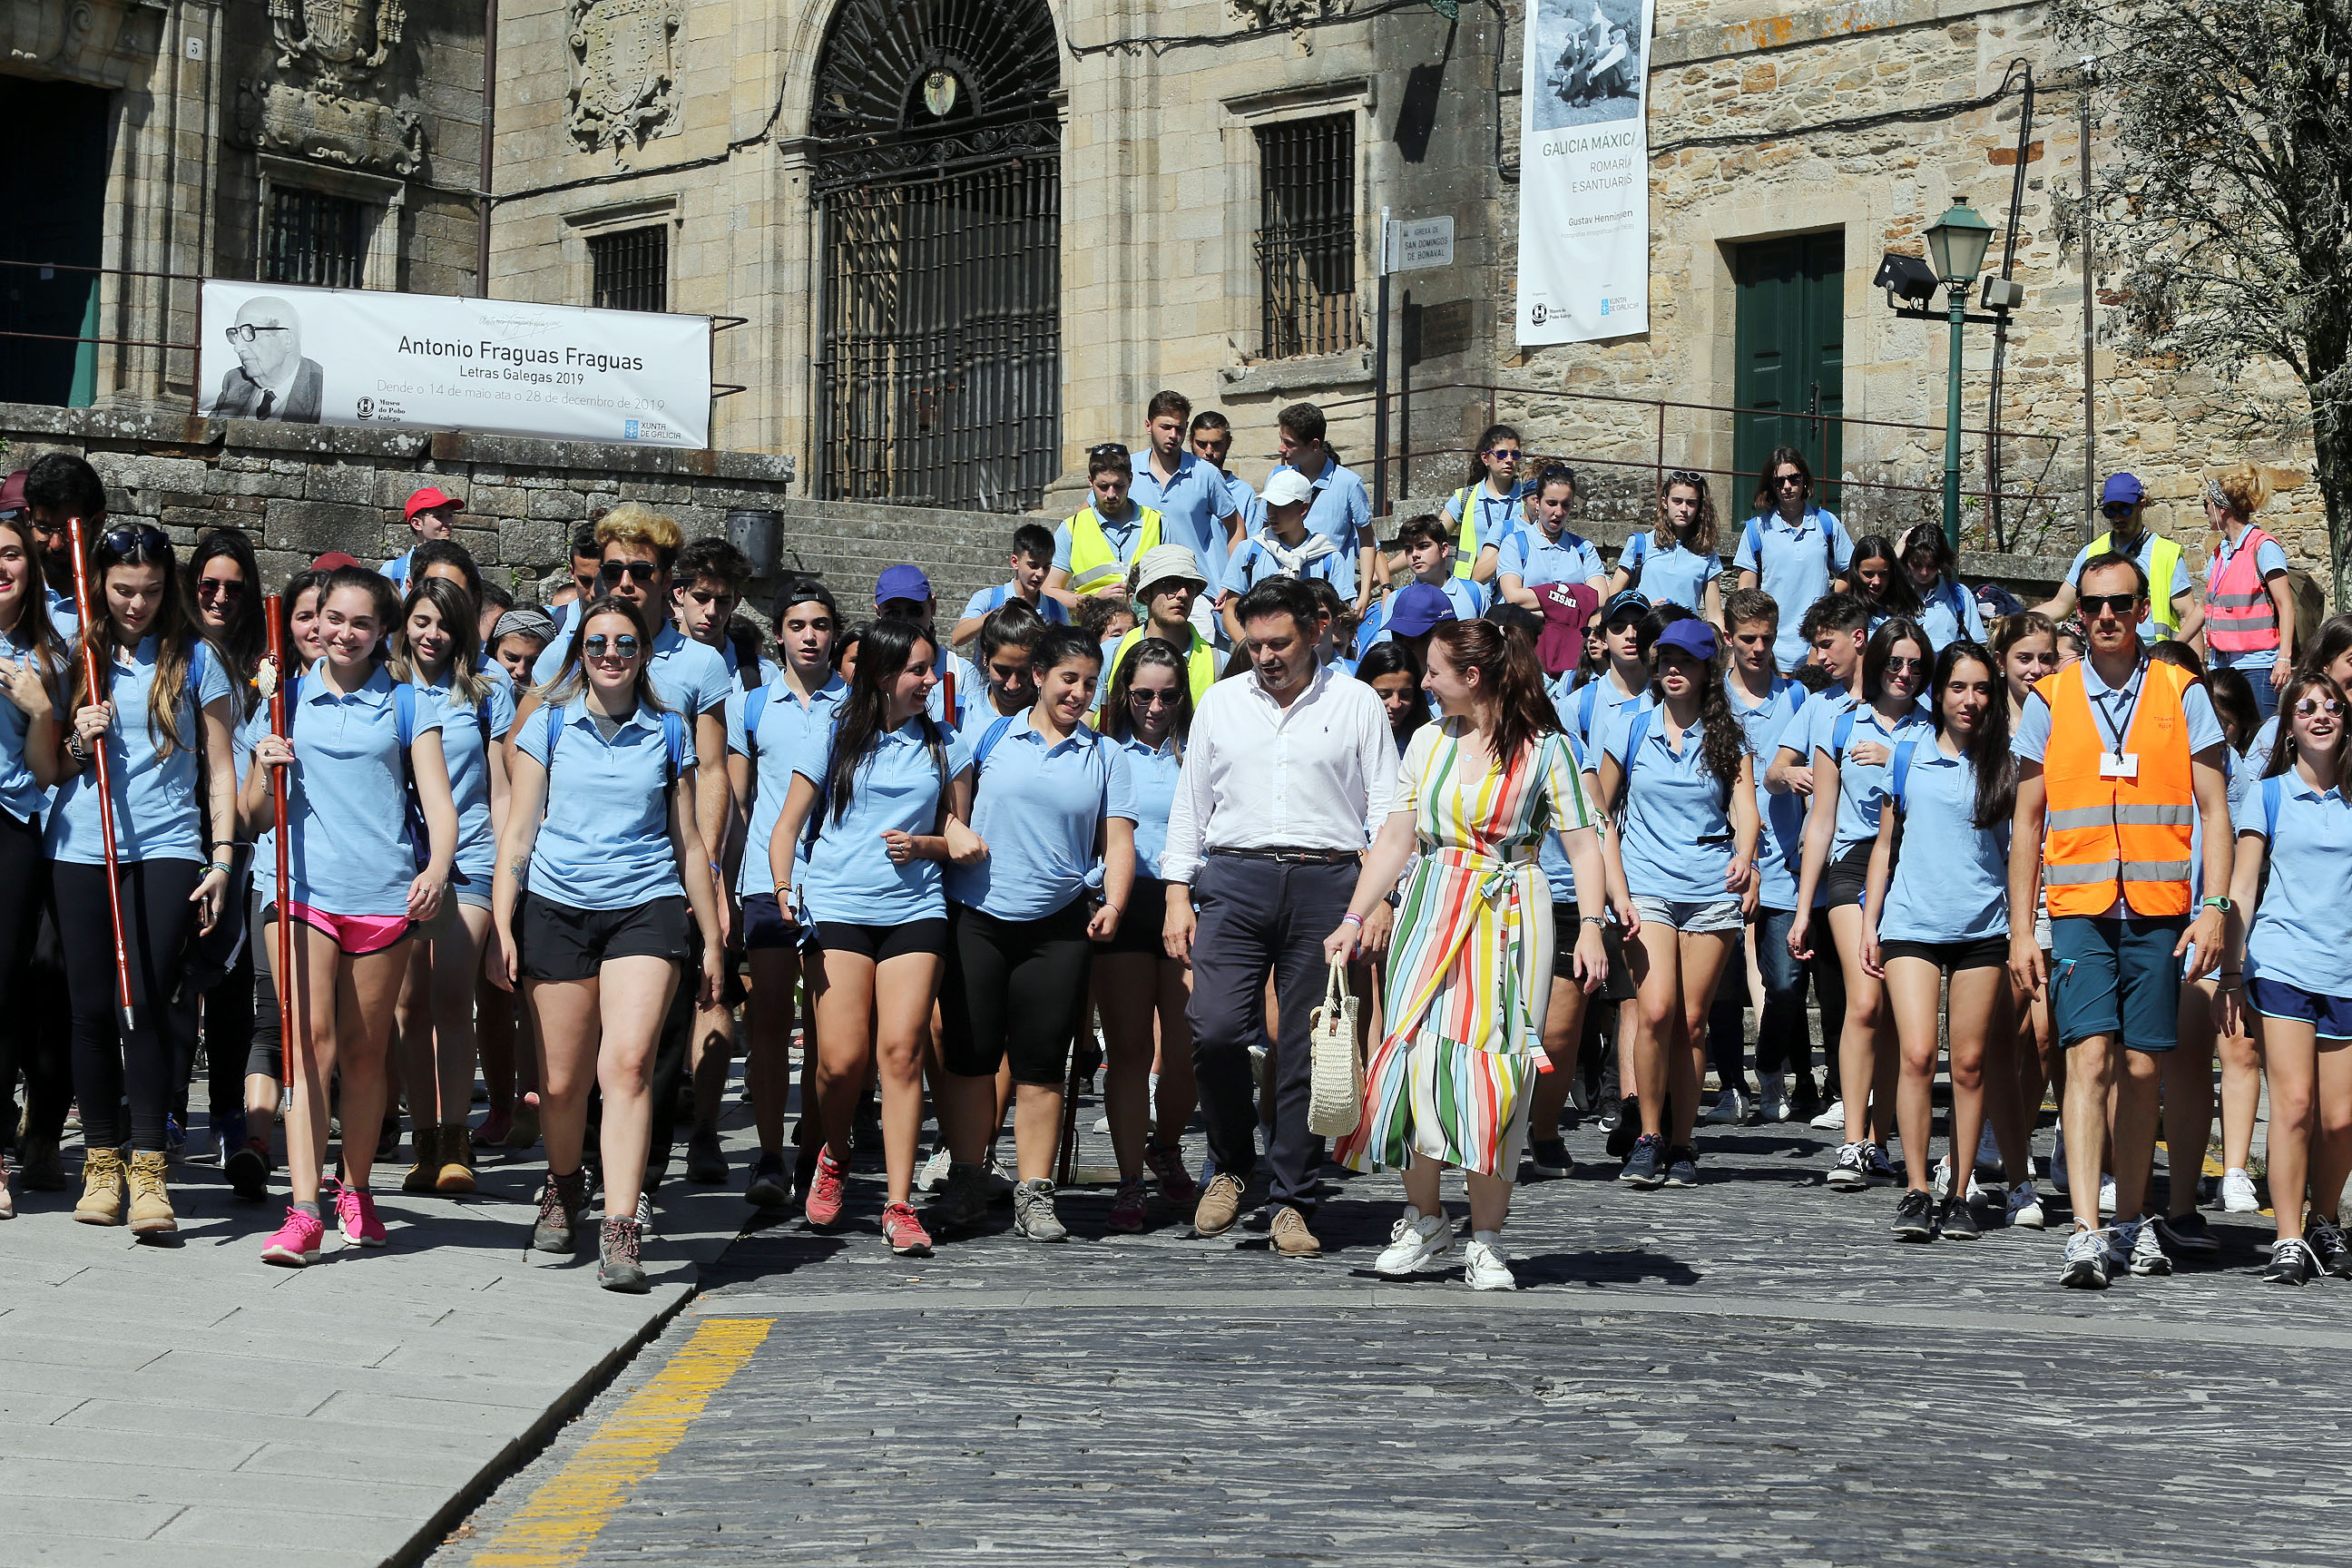 As e os participantes peregrinaron a Compostela (polo Camiño francés ou pola Vía da Prata) e coñeceron a capital de Galicia